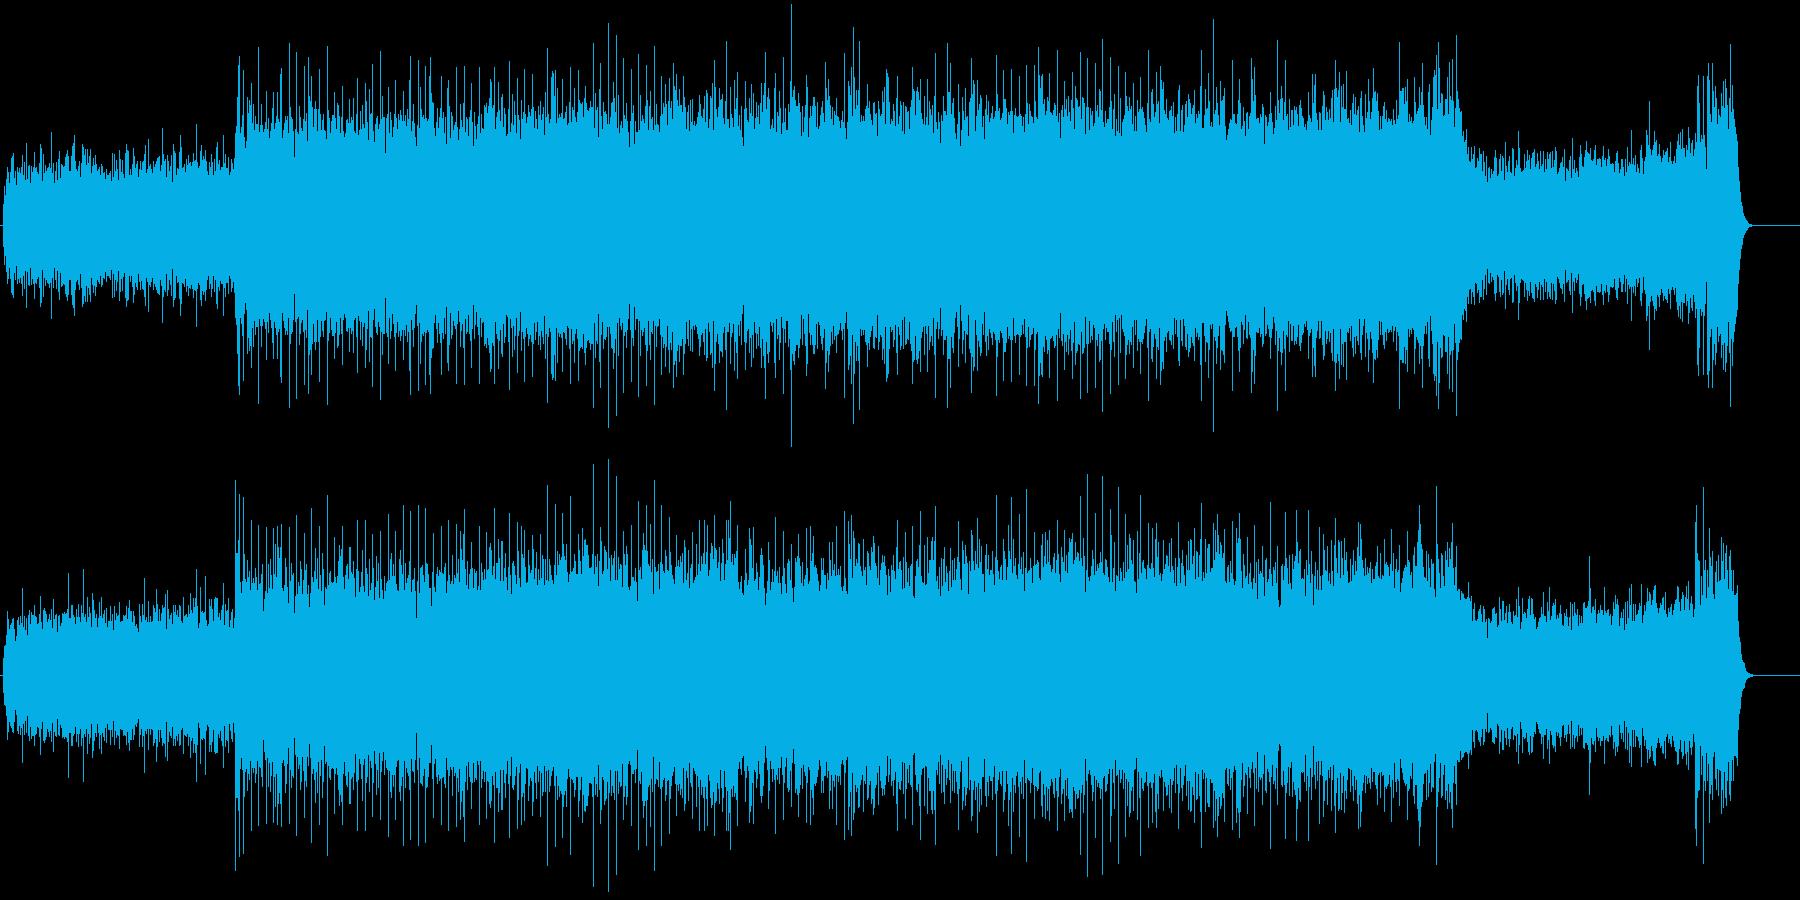 エスニックを取り入れたハードロックの再生済みの波形